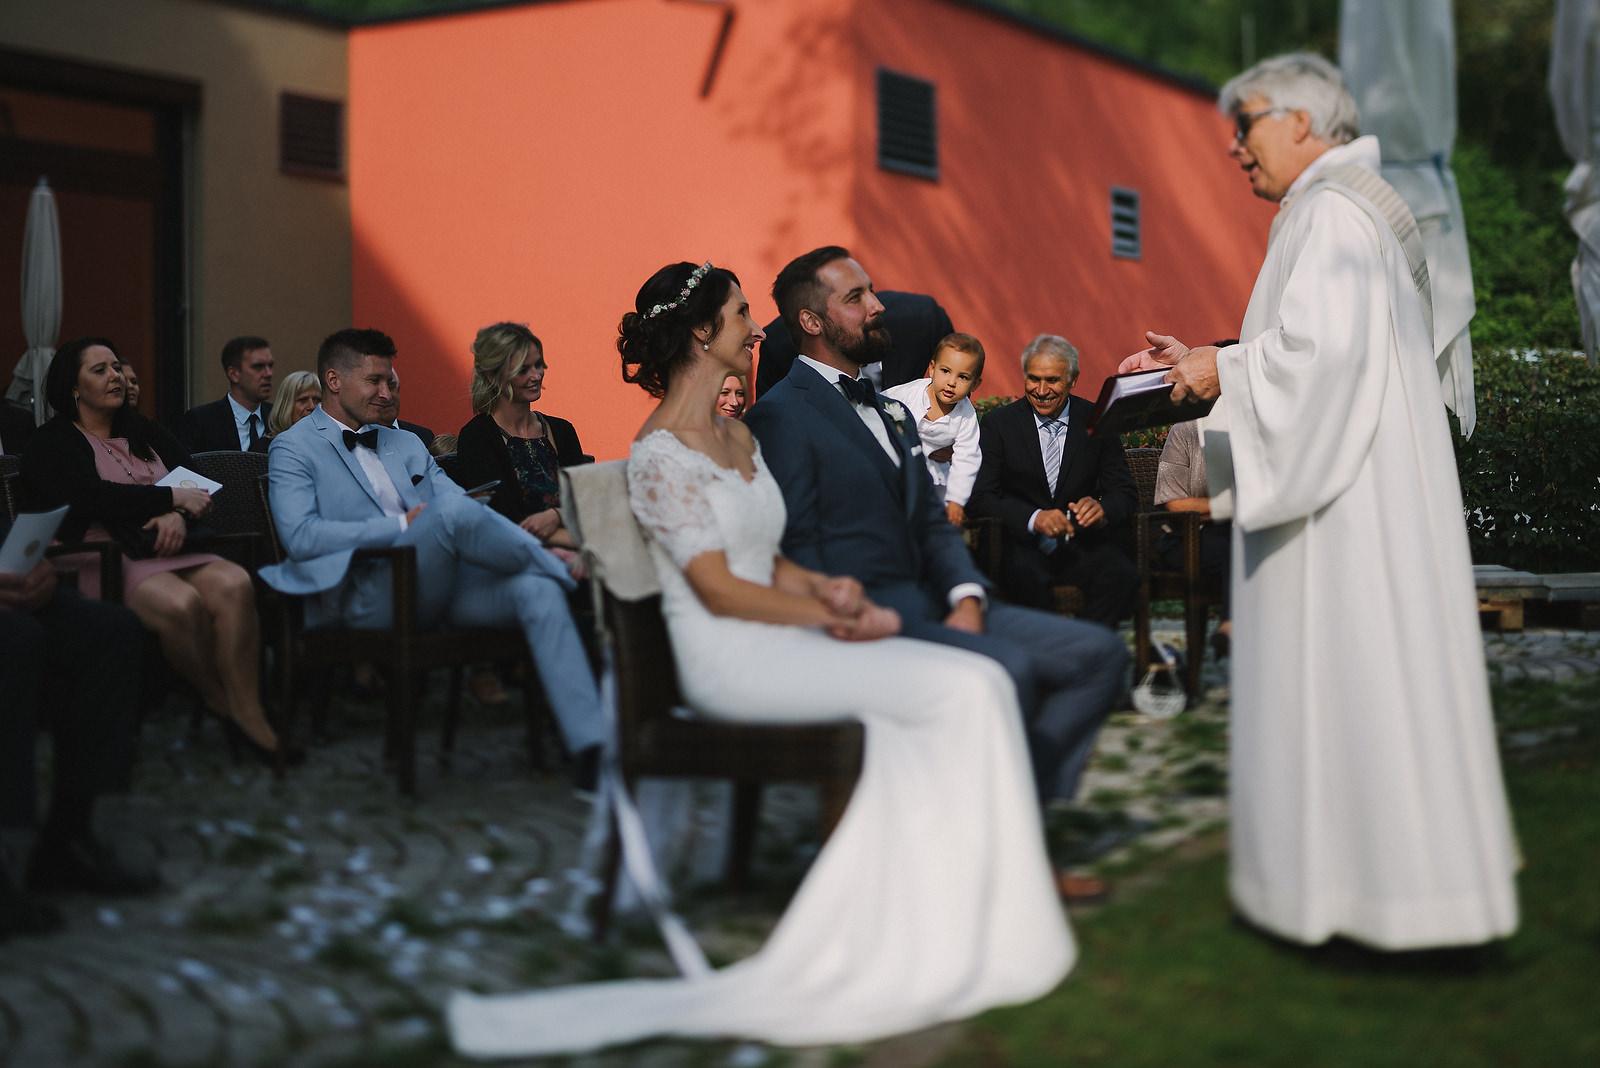 Fotograf Konstanz - Hochzeitsfotograf Reutlingen Achalm Hochzeit EFP 45 - Documentary wedding story on the Achalm, Reutlingen  - 36 -